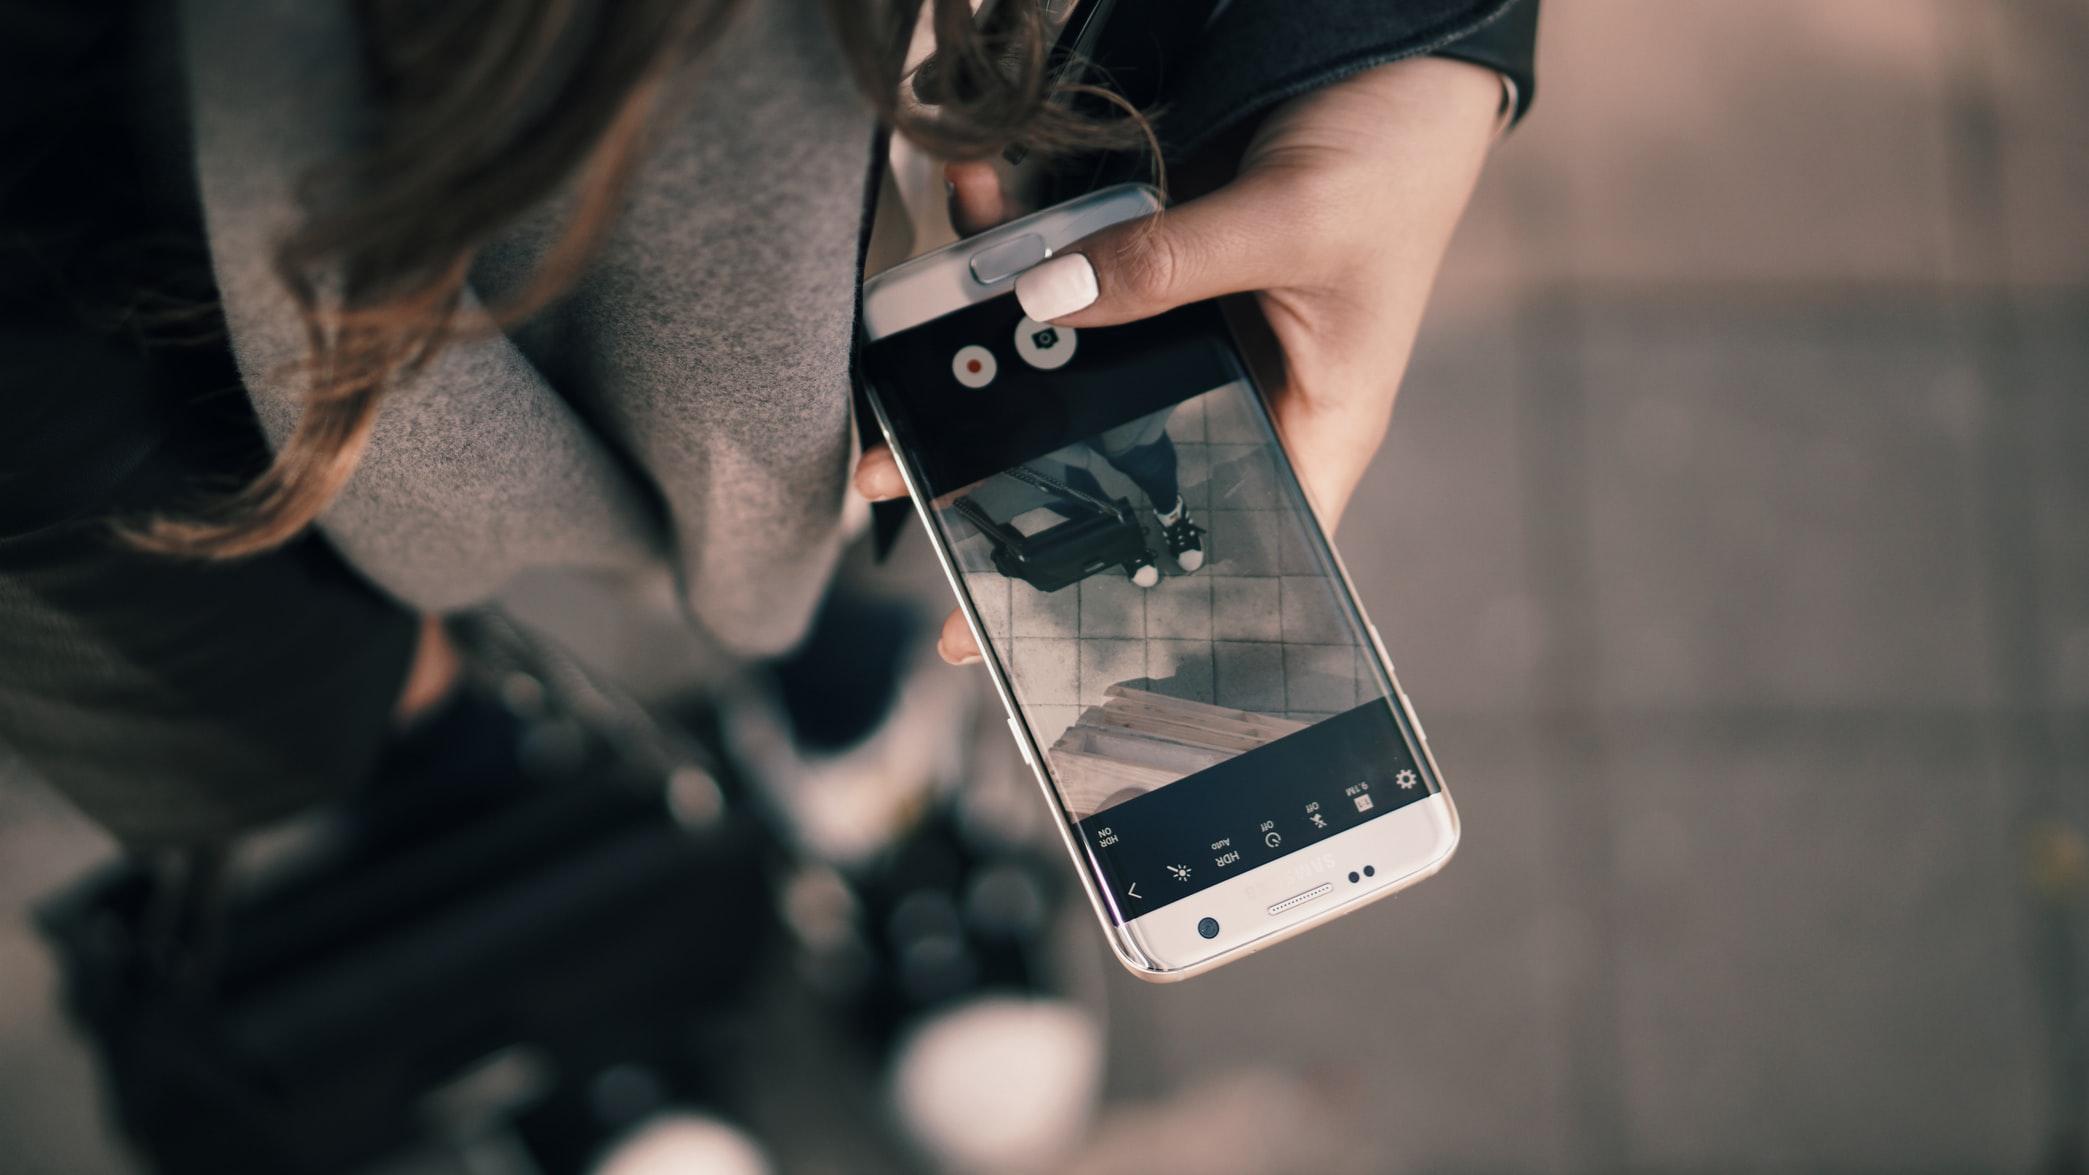 Як зробити скріншот, торкнувшись задньої панелі Android? – ІНСТРУКЦІЯ